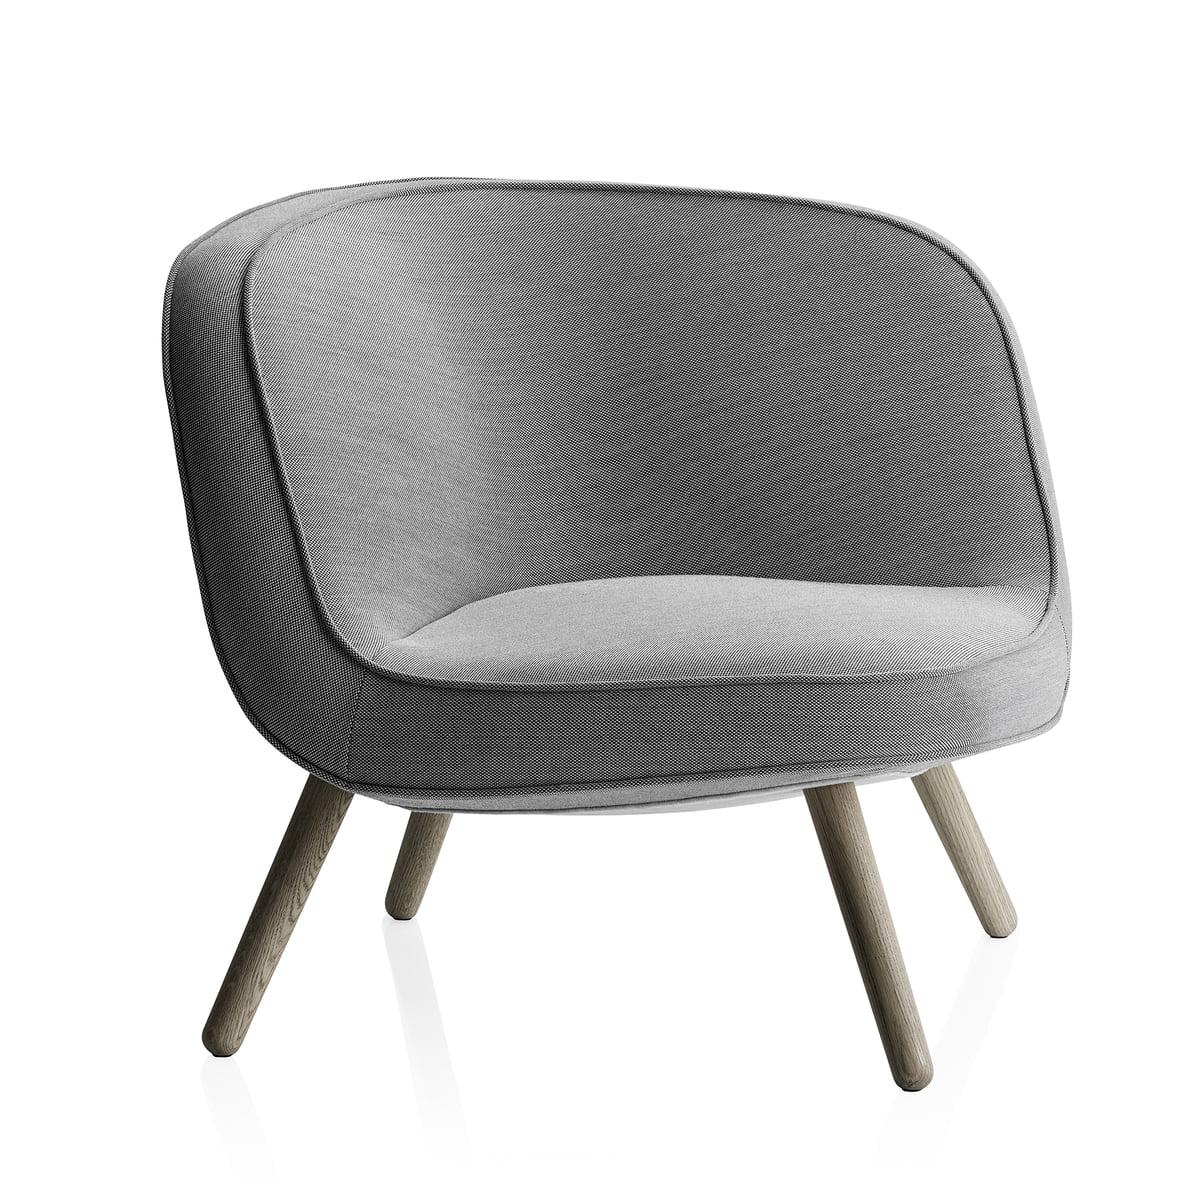 fritz hansen lounge chair via57 eiche schwarz wei. Black Bedroom Furniture Sets. Home Design Ideas